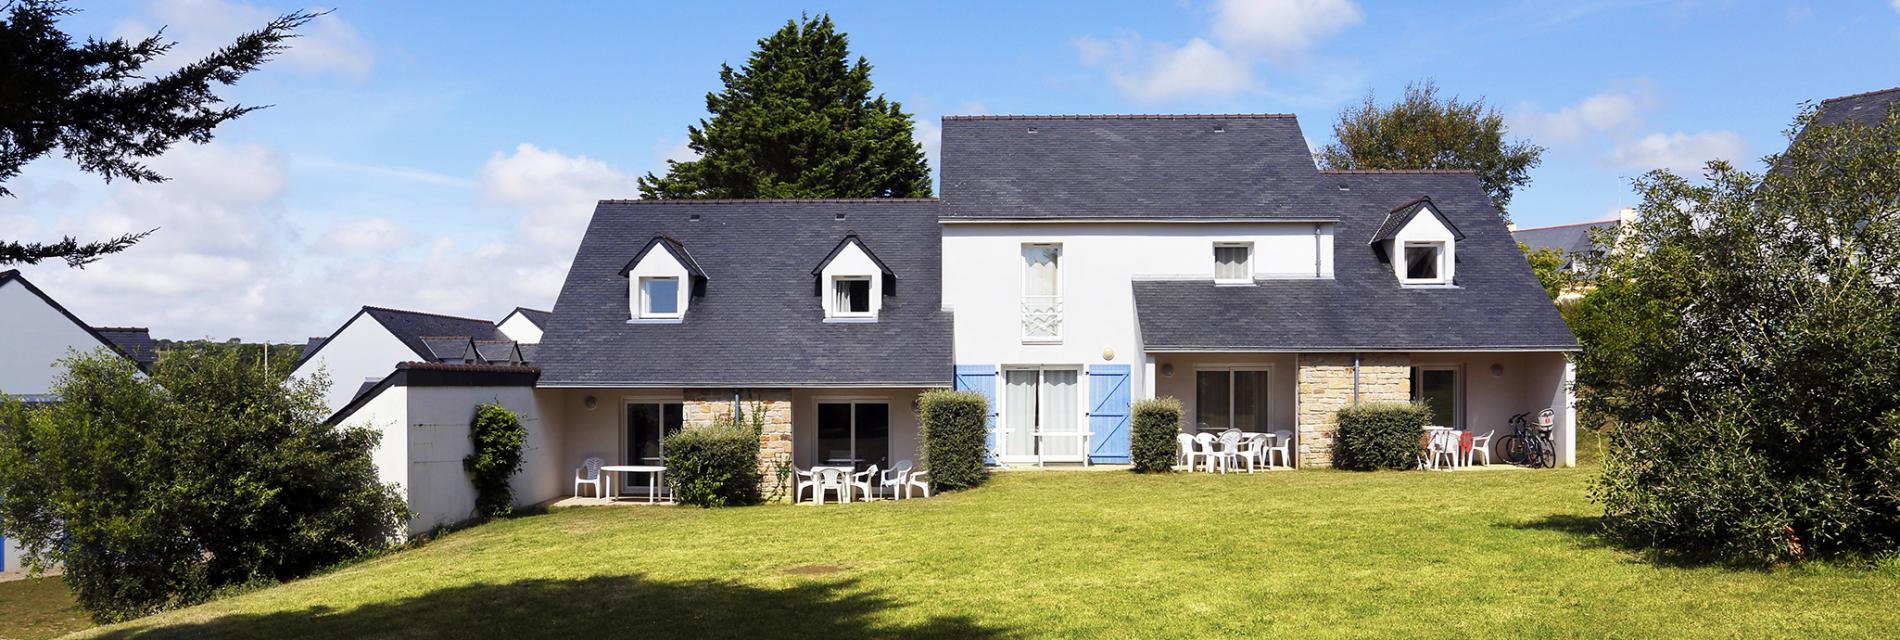 Slide Maisons - résidence Iroise Armorique